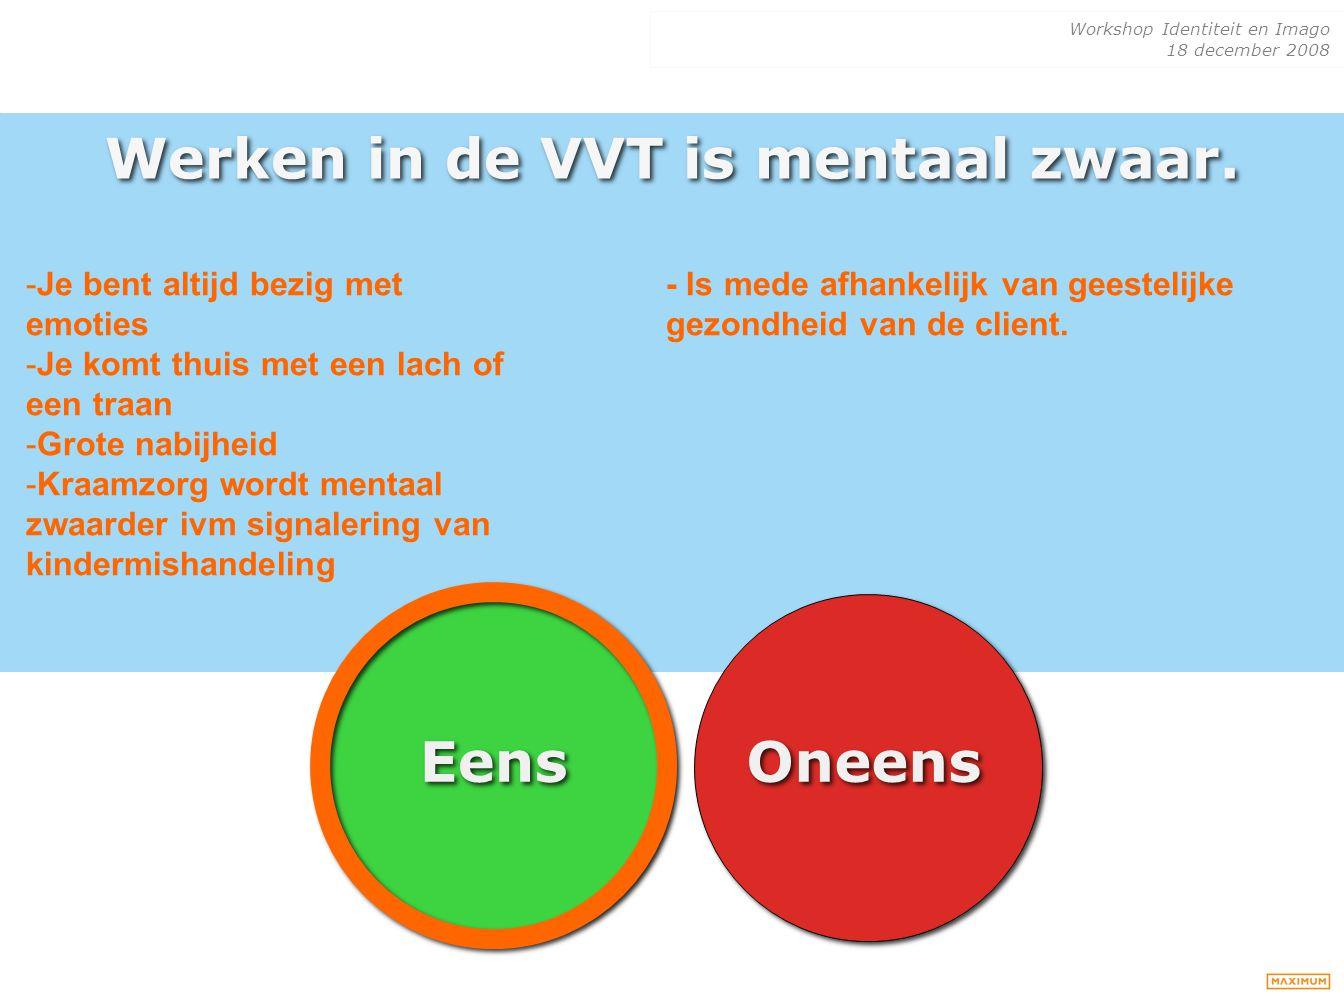 Werken in de VVT is mentaal zwaar.